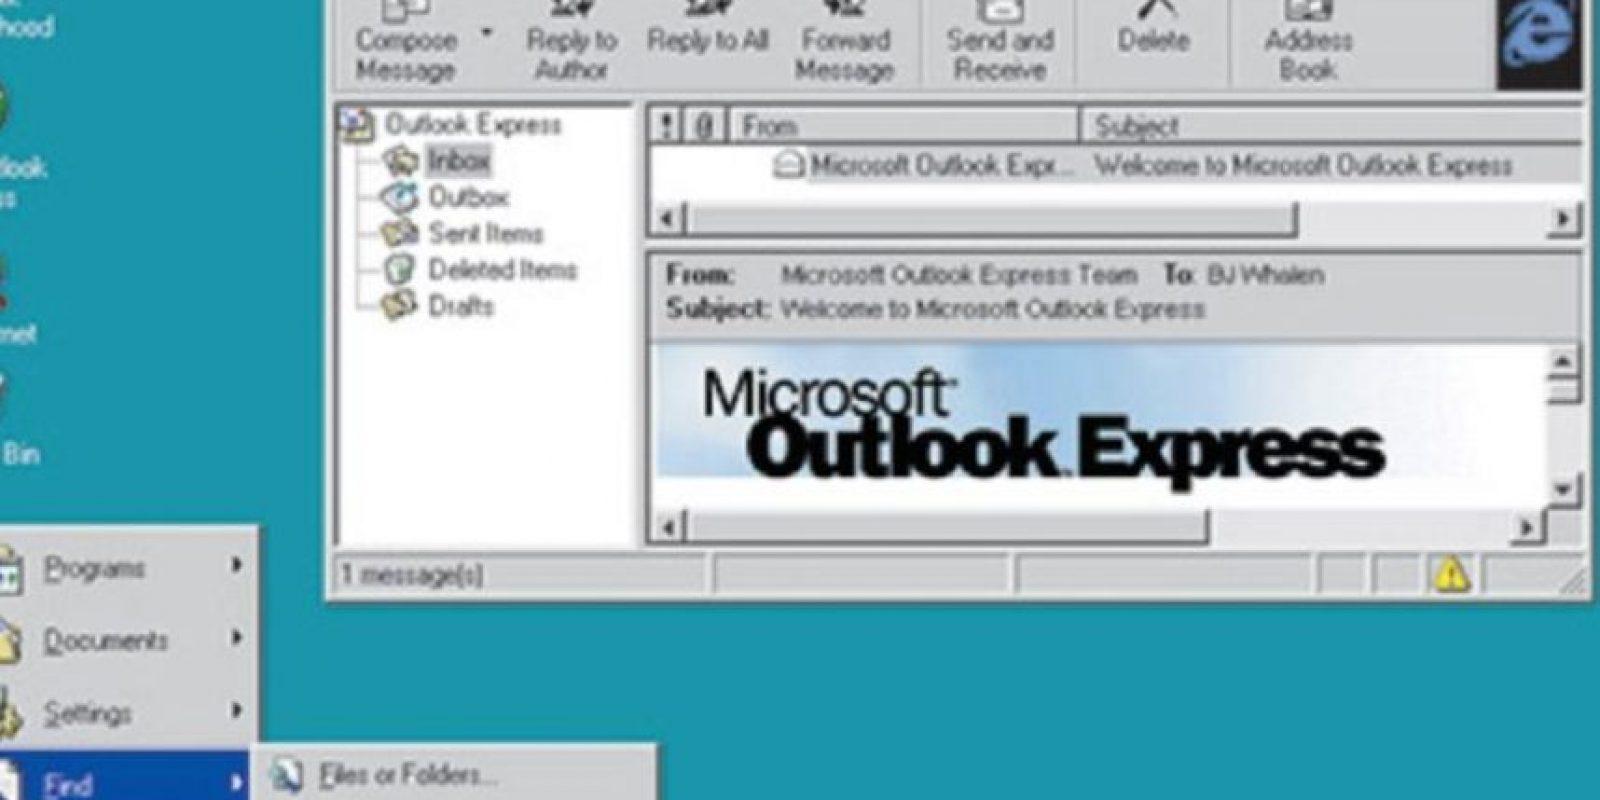 En 1995, Windows mutaría nuevamente de nombre para ver nacer el icónico Windows 95. El diseño rompió los esquemas existentes y revolucionó los diseños web para sistemas operativos en PC. Foto:Vía windows.microsoft.com